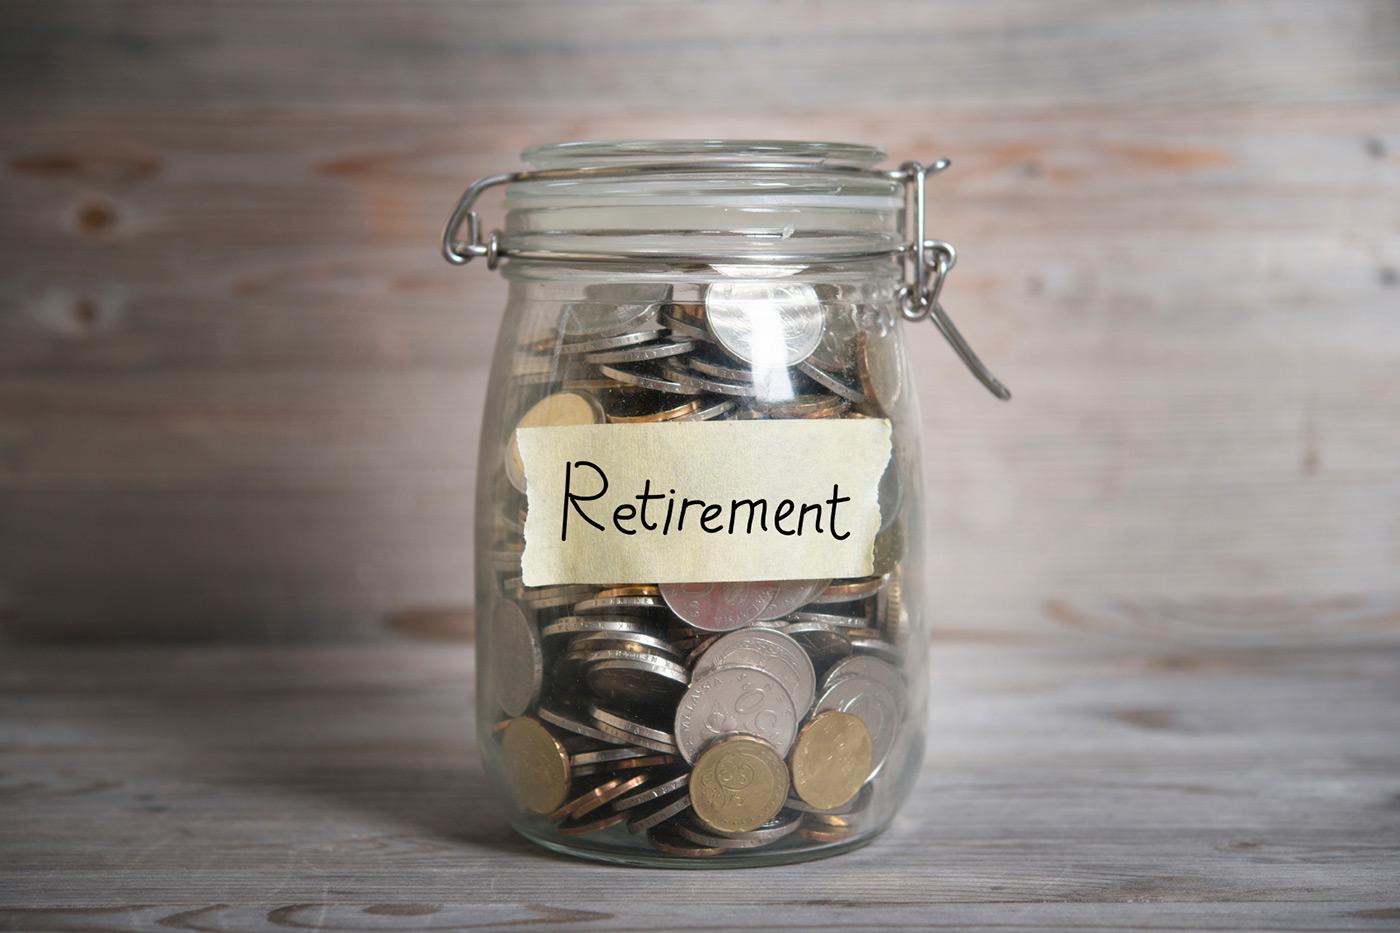 Illinois Pioneers Automatic Retirement Savings Option